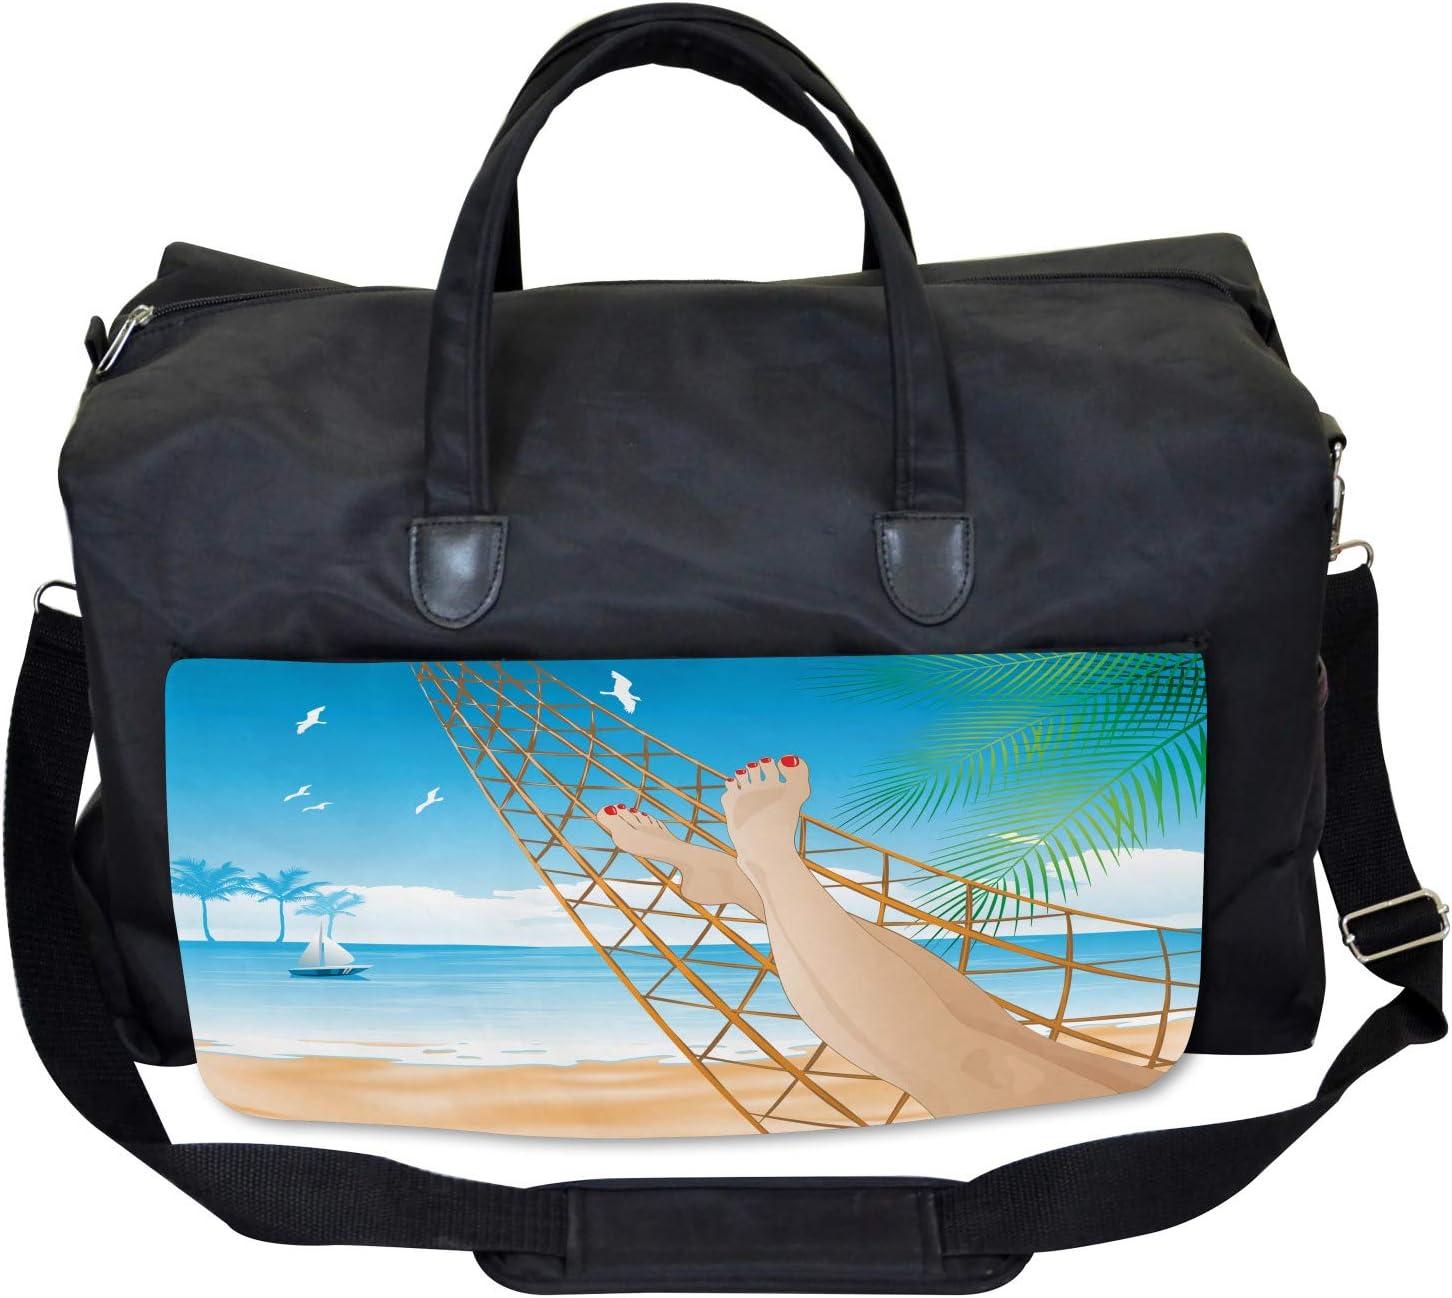 Large Weekender Carry-on Ambesonne Tropical Gym Bag Hawaiian Ocean Hammock